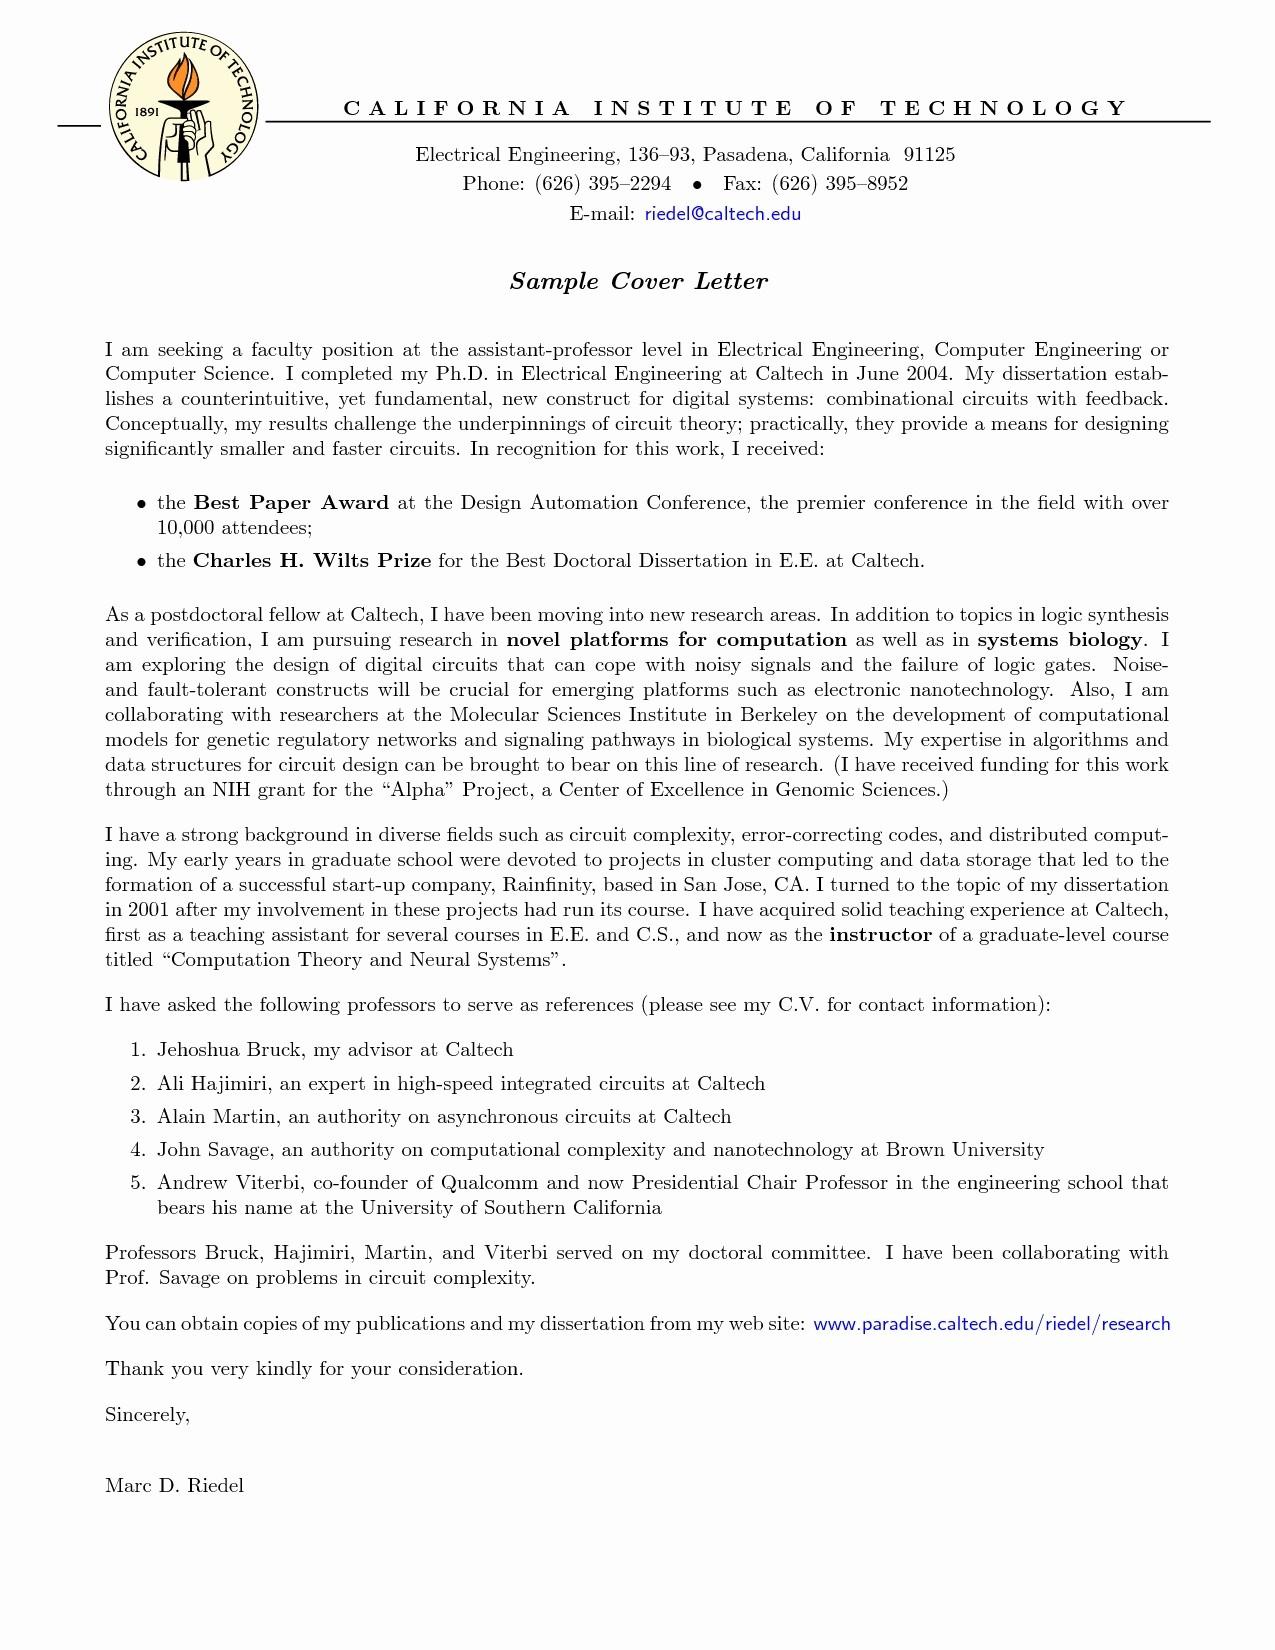 Teacher Cover Letter Example Sample Cover Letter For Faculty Job Application Valid Teacher Cover